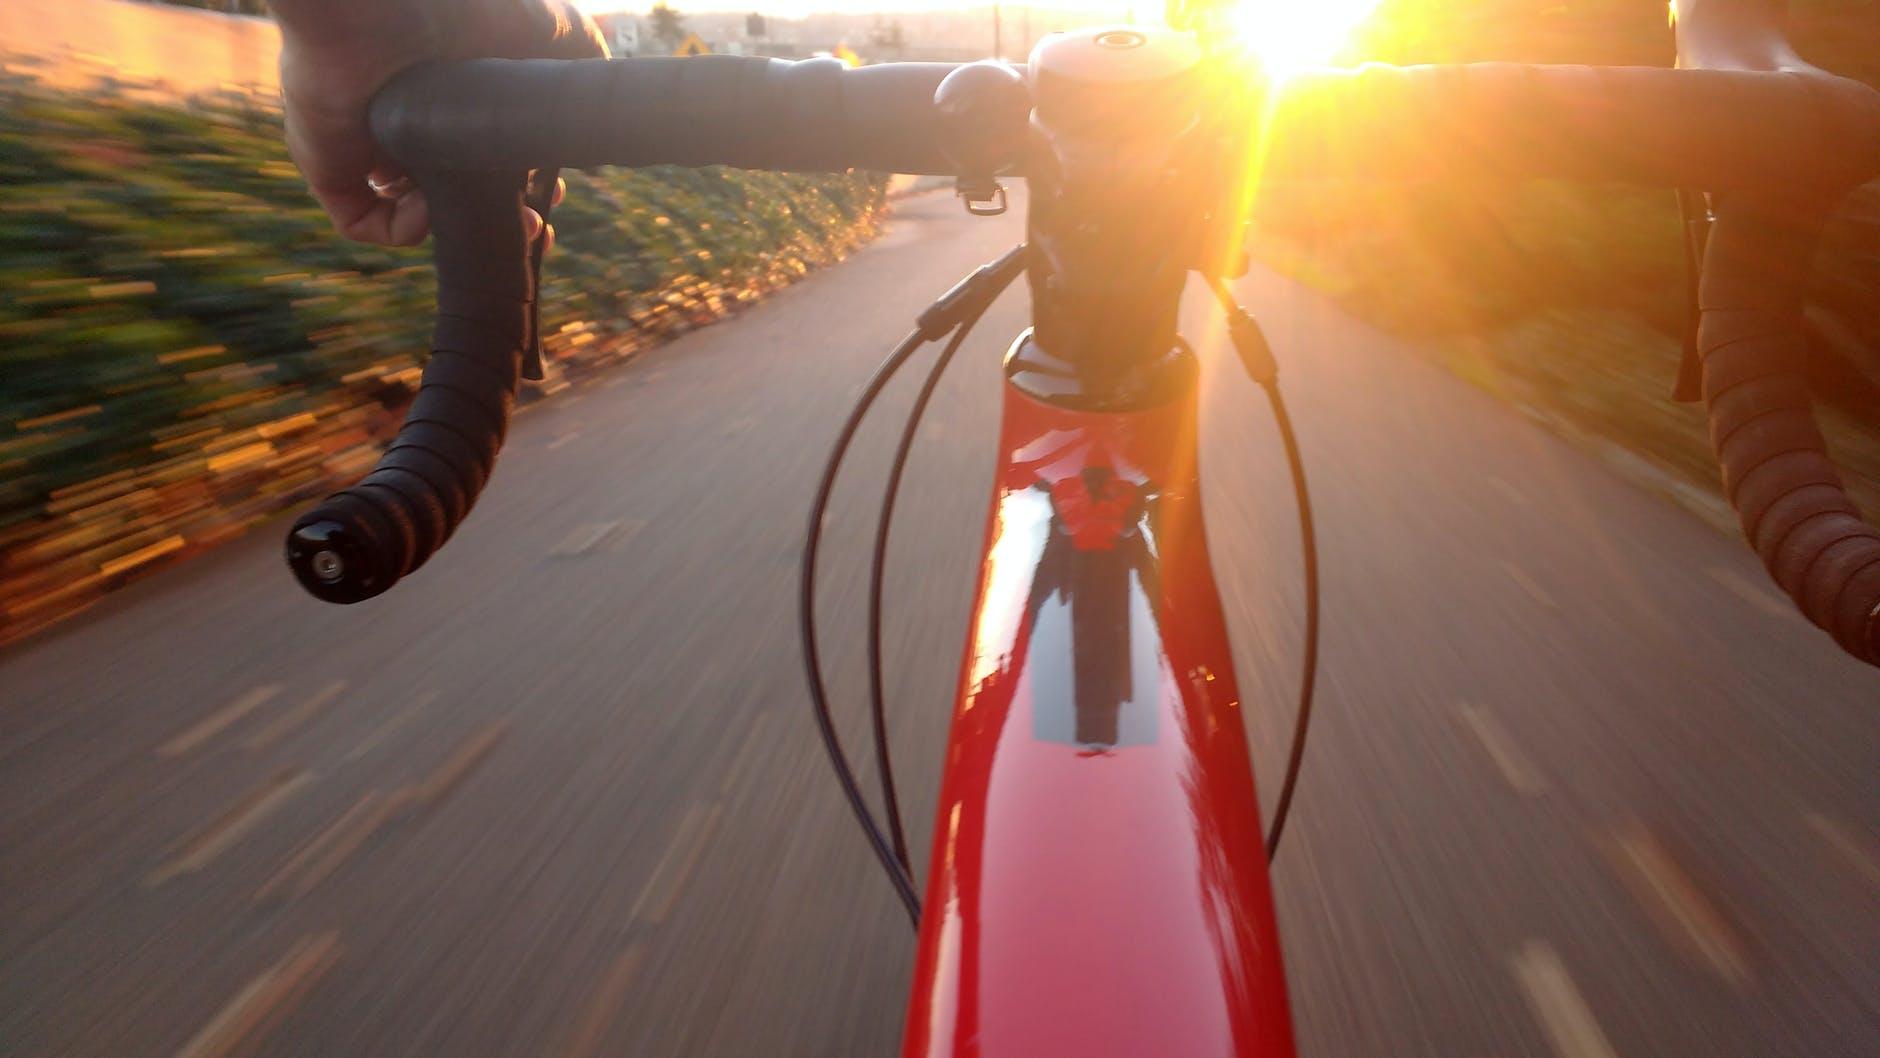 O uso de bicicletas está em alta! Veja algumas dicas para pedalar com segurança durante a pandemia